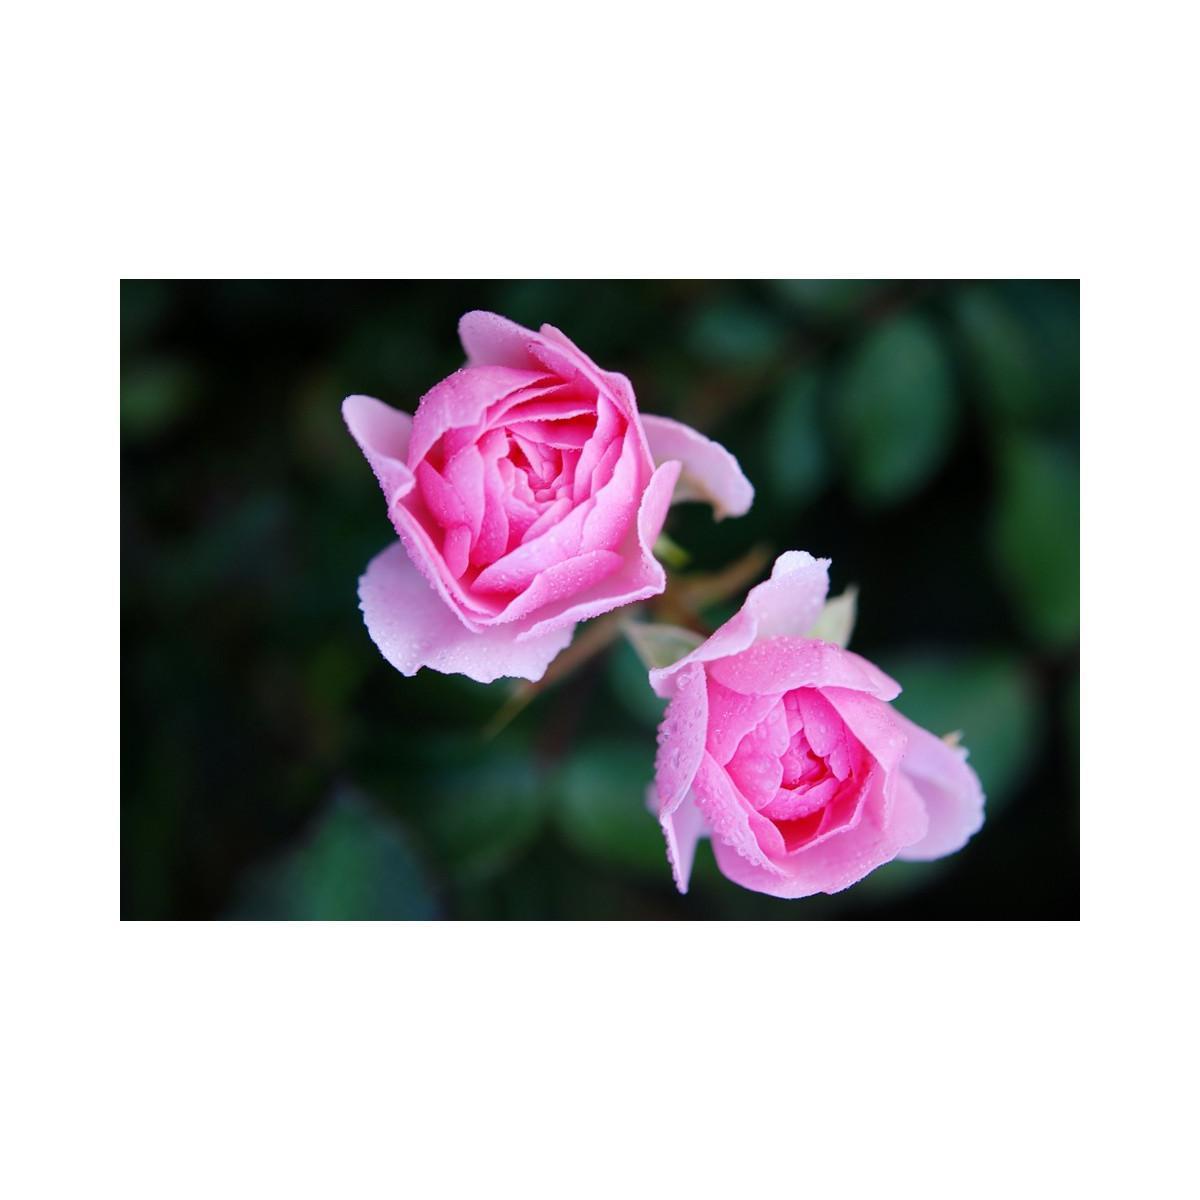 troc de troc je recherche de l'hydrolat de rose image 0